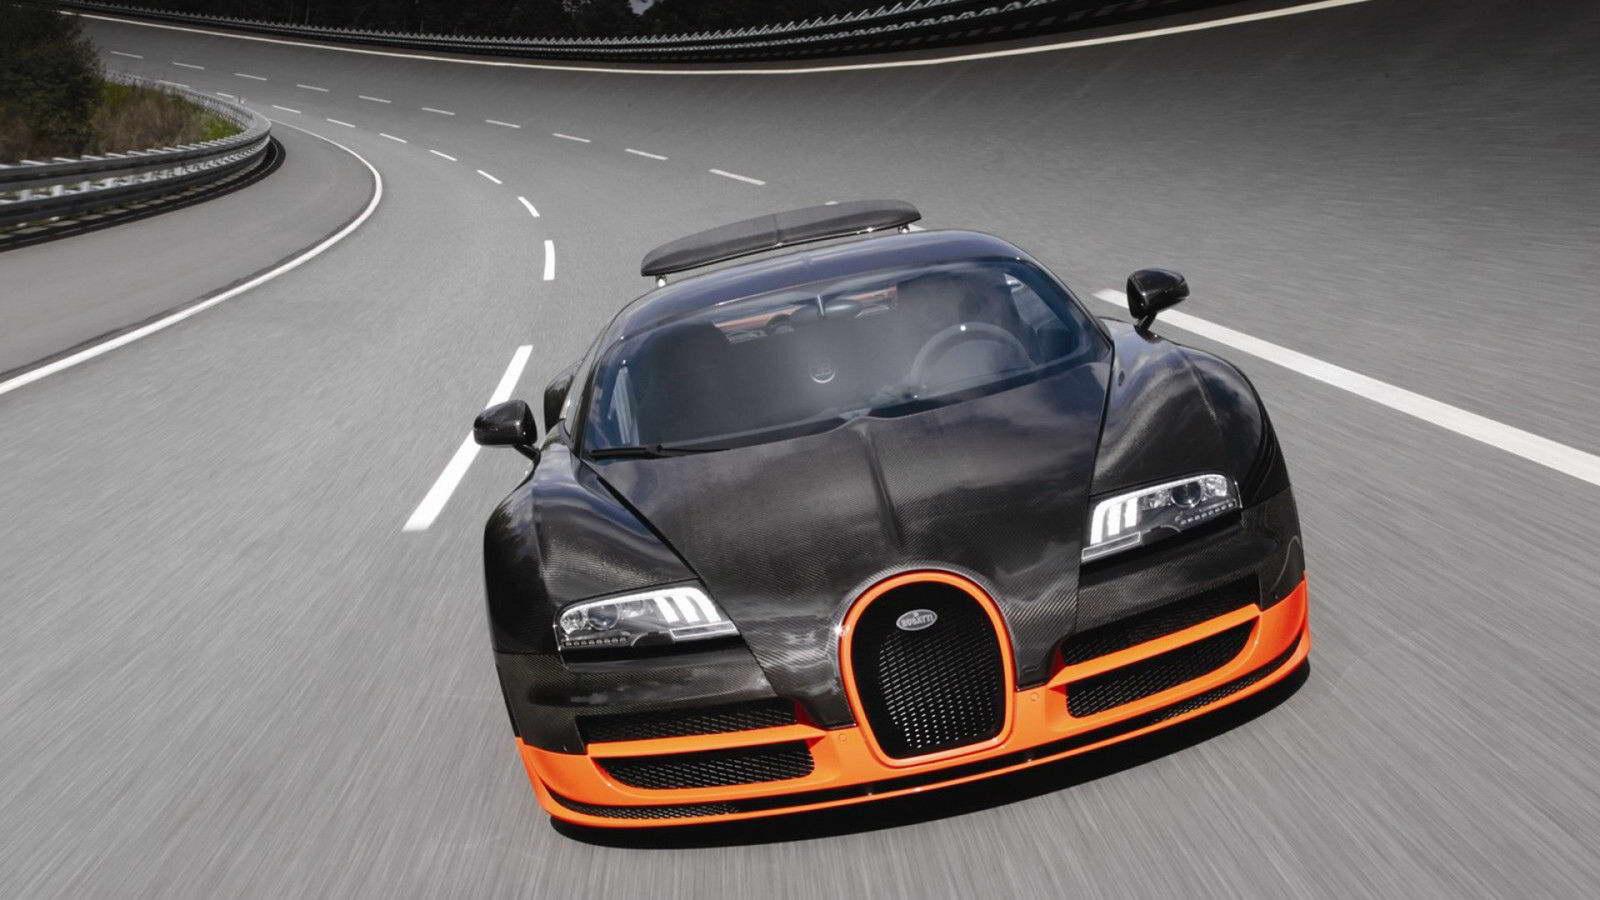 00472 Bugatti Veyron Super Sports Car HD High